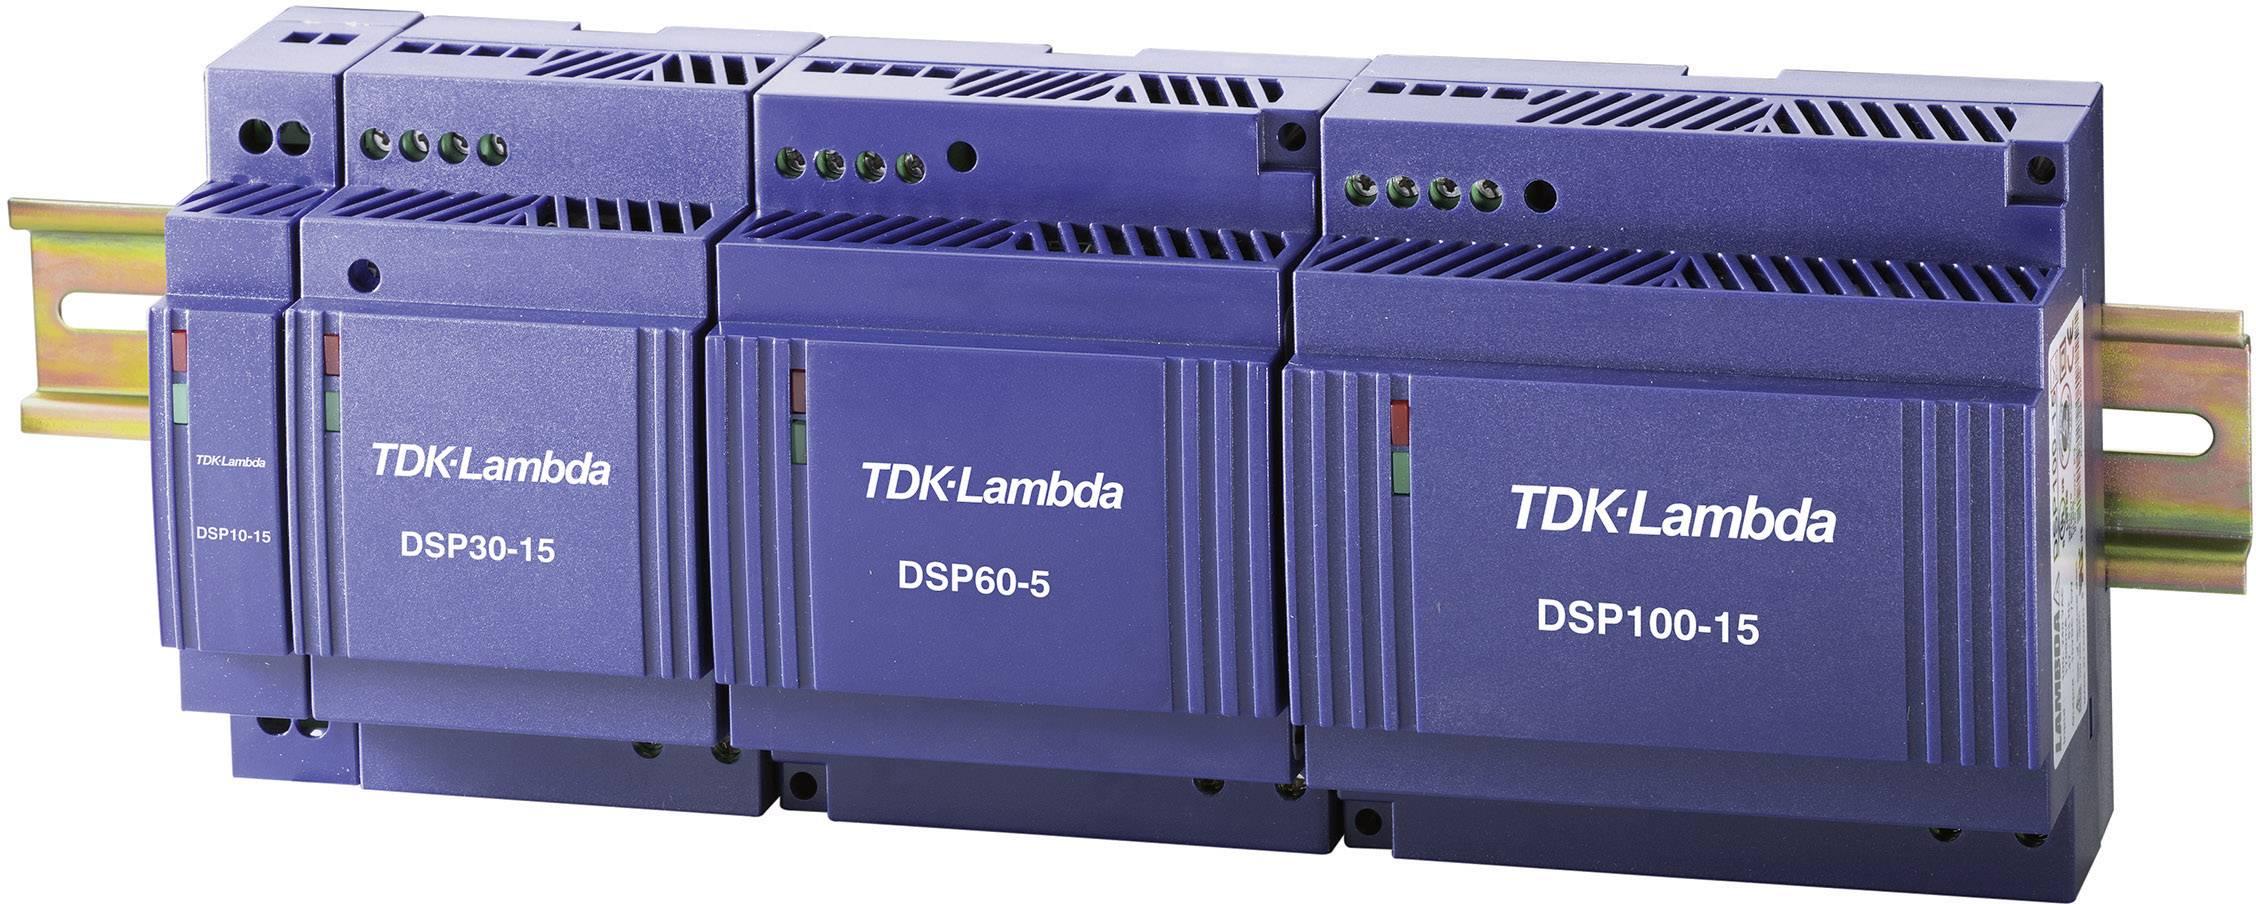 15V TDK LAMBDA   DSP30-15   PSU 30W DIN RAIL 2A